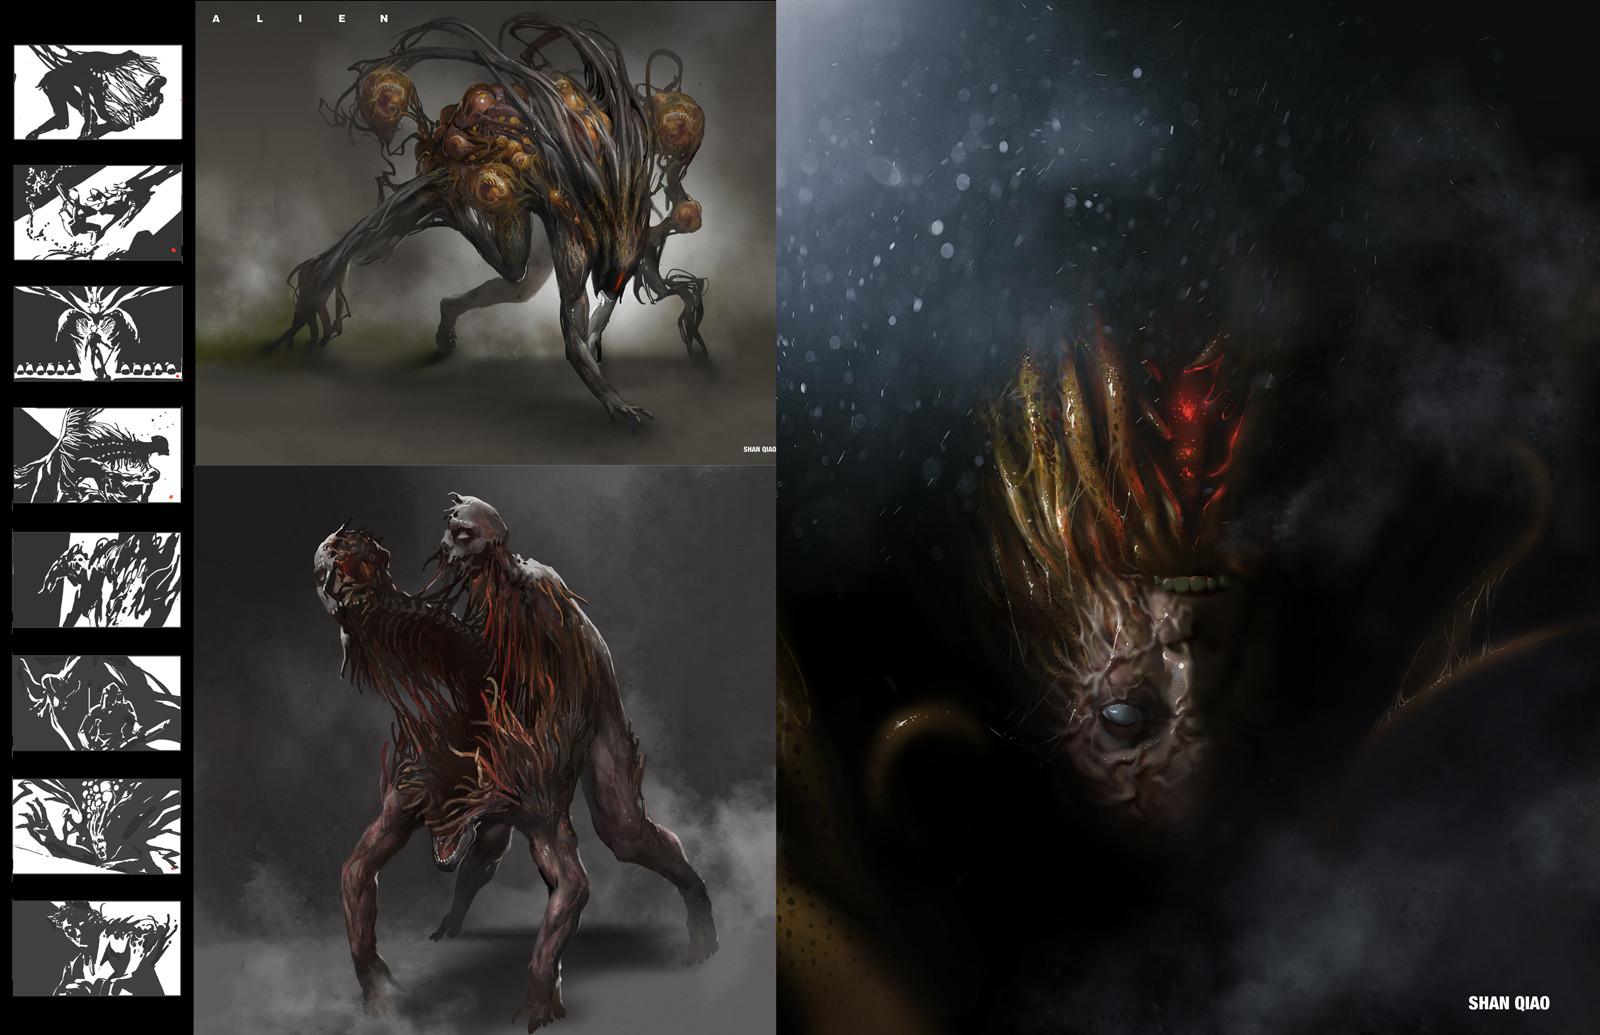 Shan qiao alien redesign shan qiao 027